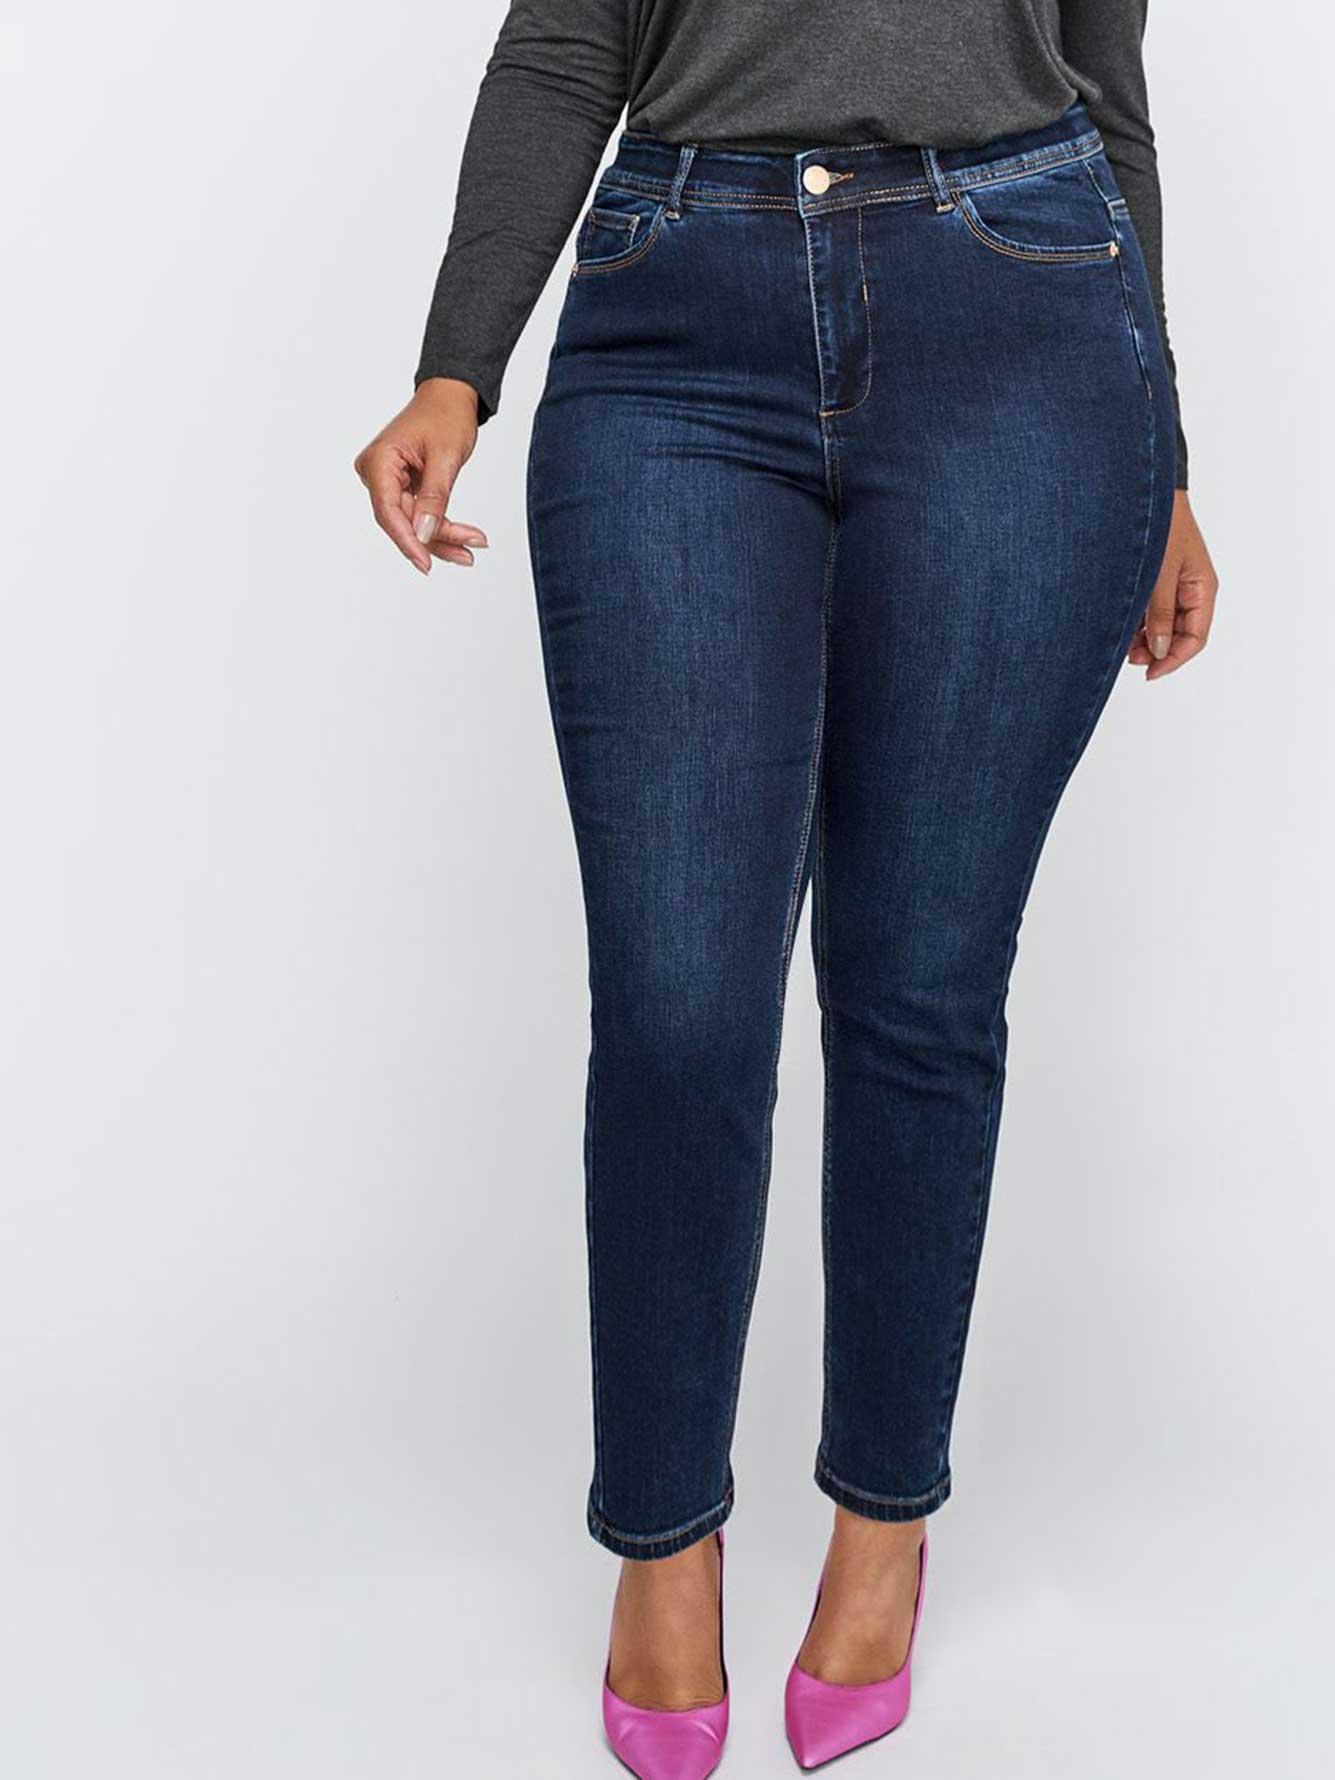 c5d90b0cd16d Curvy Authentic Dark Wash Skinny Jeans - L L